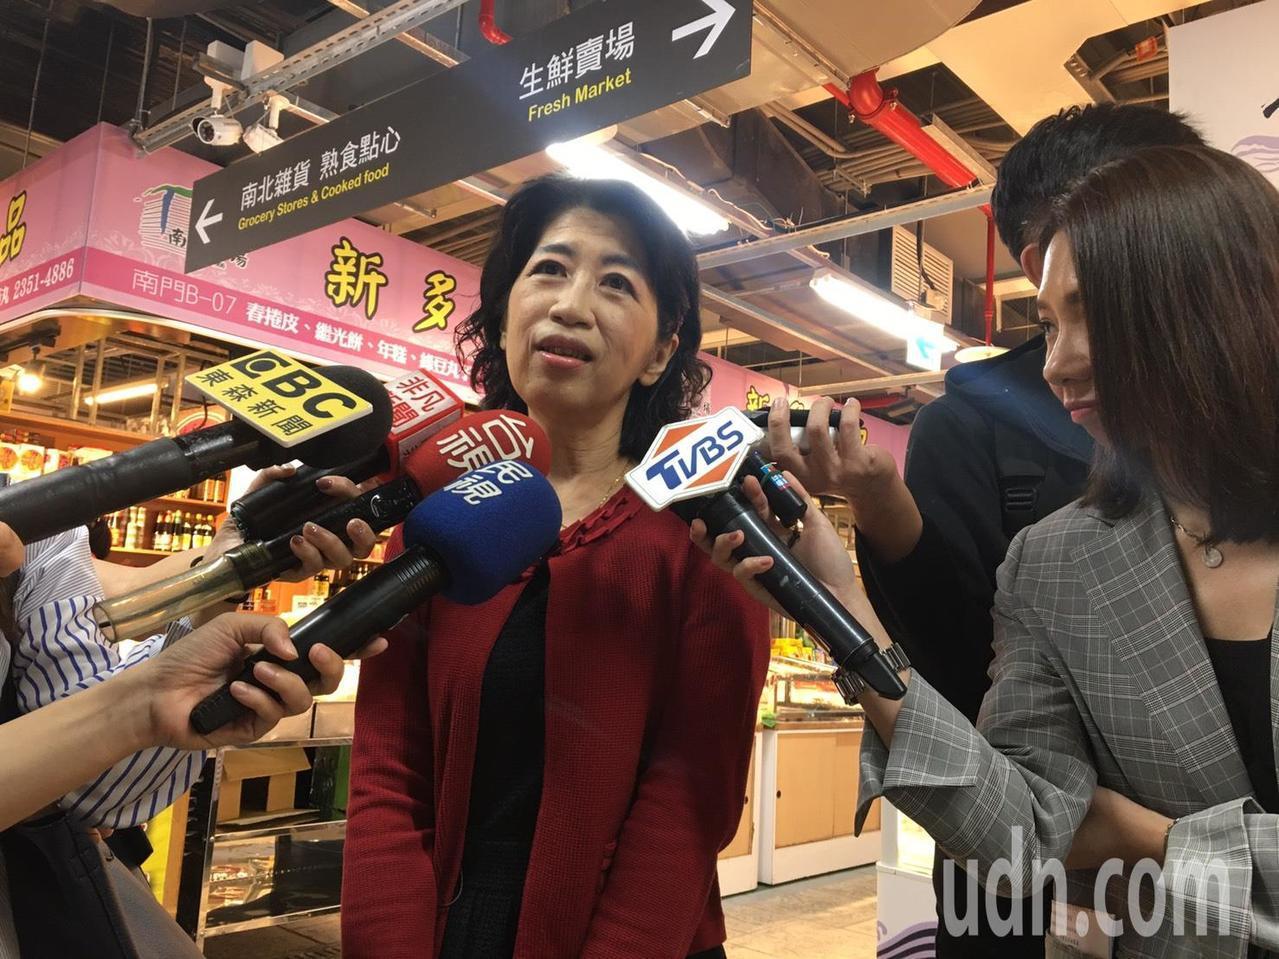 台北市長柯文哲夫人陳佩琪今天上午逛南門中繼市場。記者魏莨伊/攝影